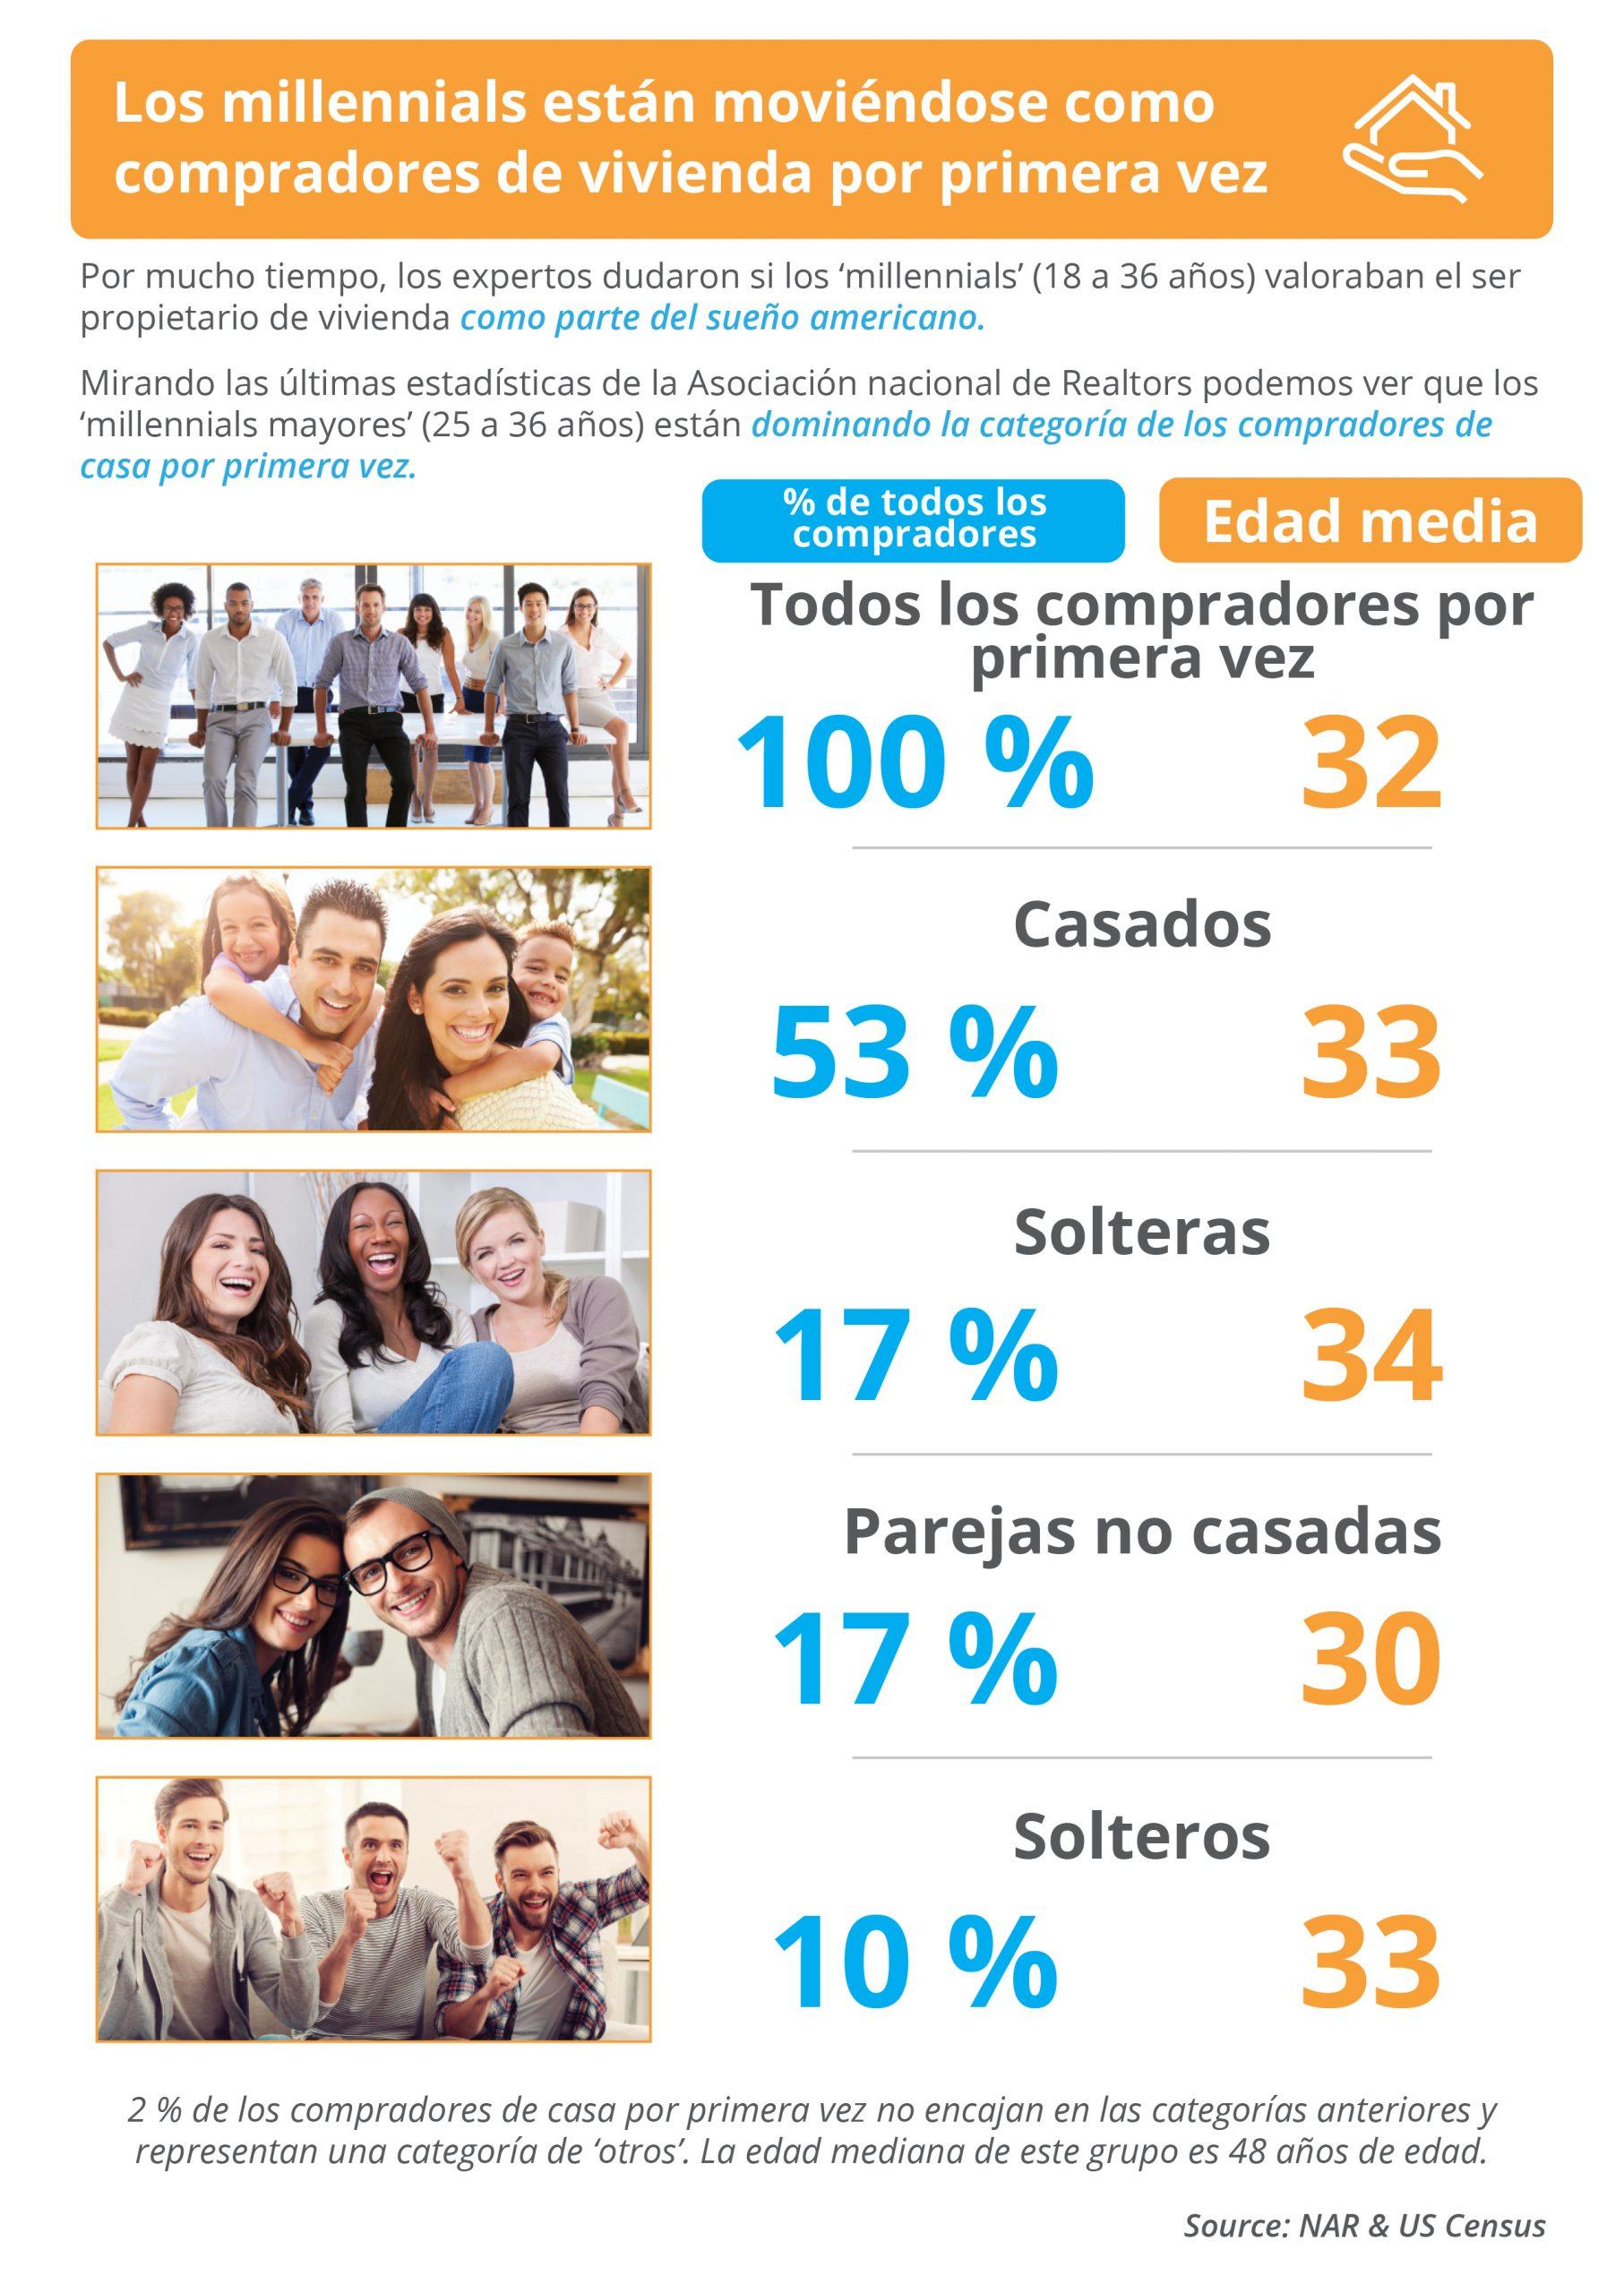 Los 'millennials' están moviéndose como compradores de vivienda por primera vez [infografía] | Simplifying the Market